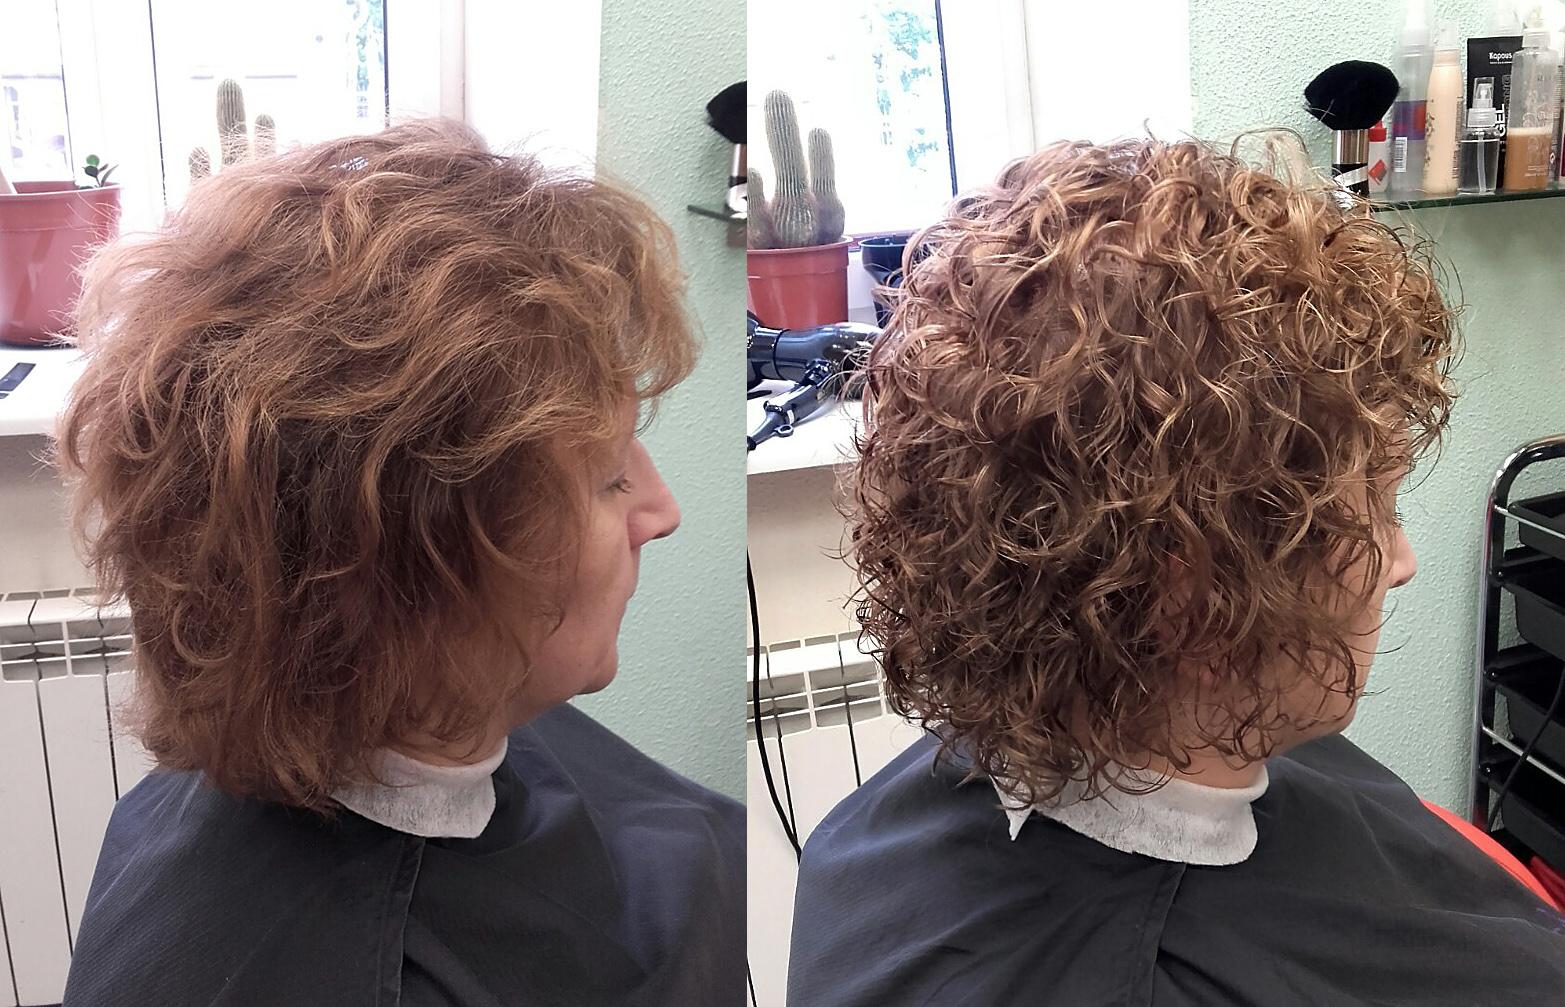 Химические средства, проникая вовнутрь волоса, делают структуру его пористой (губчатой), поэтому такая процедура требует восстановления с помощью специальных средств.